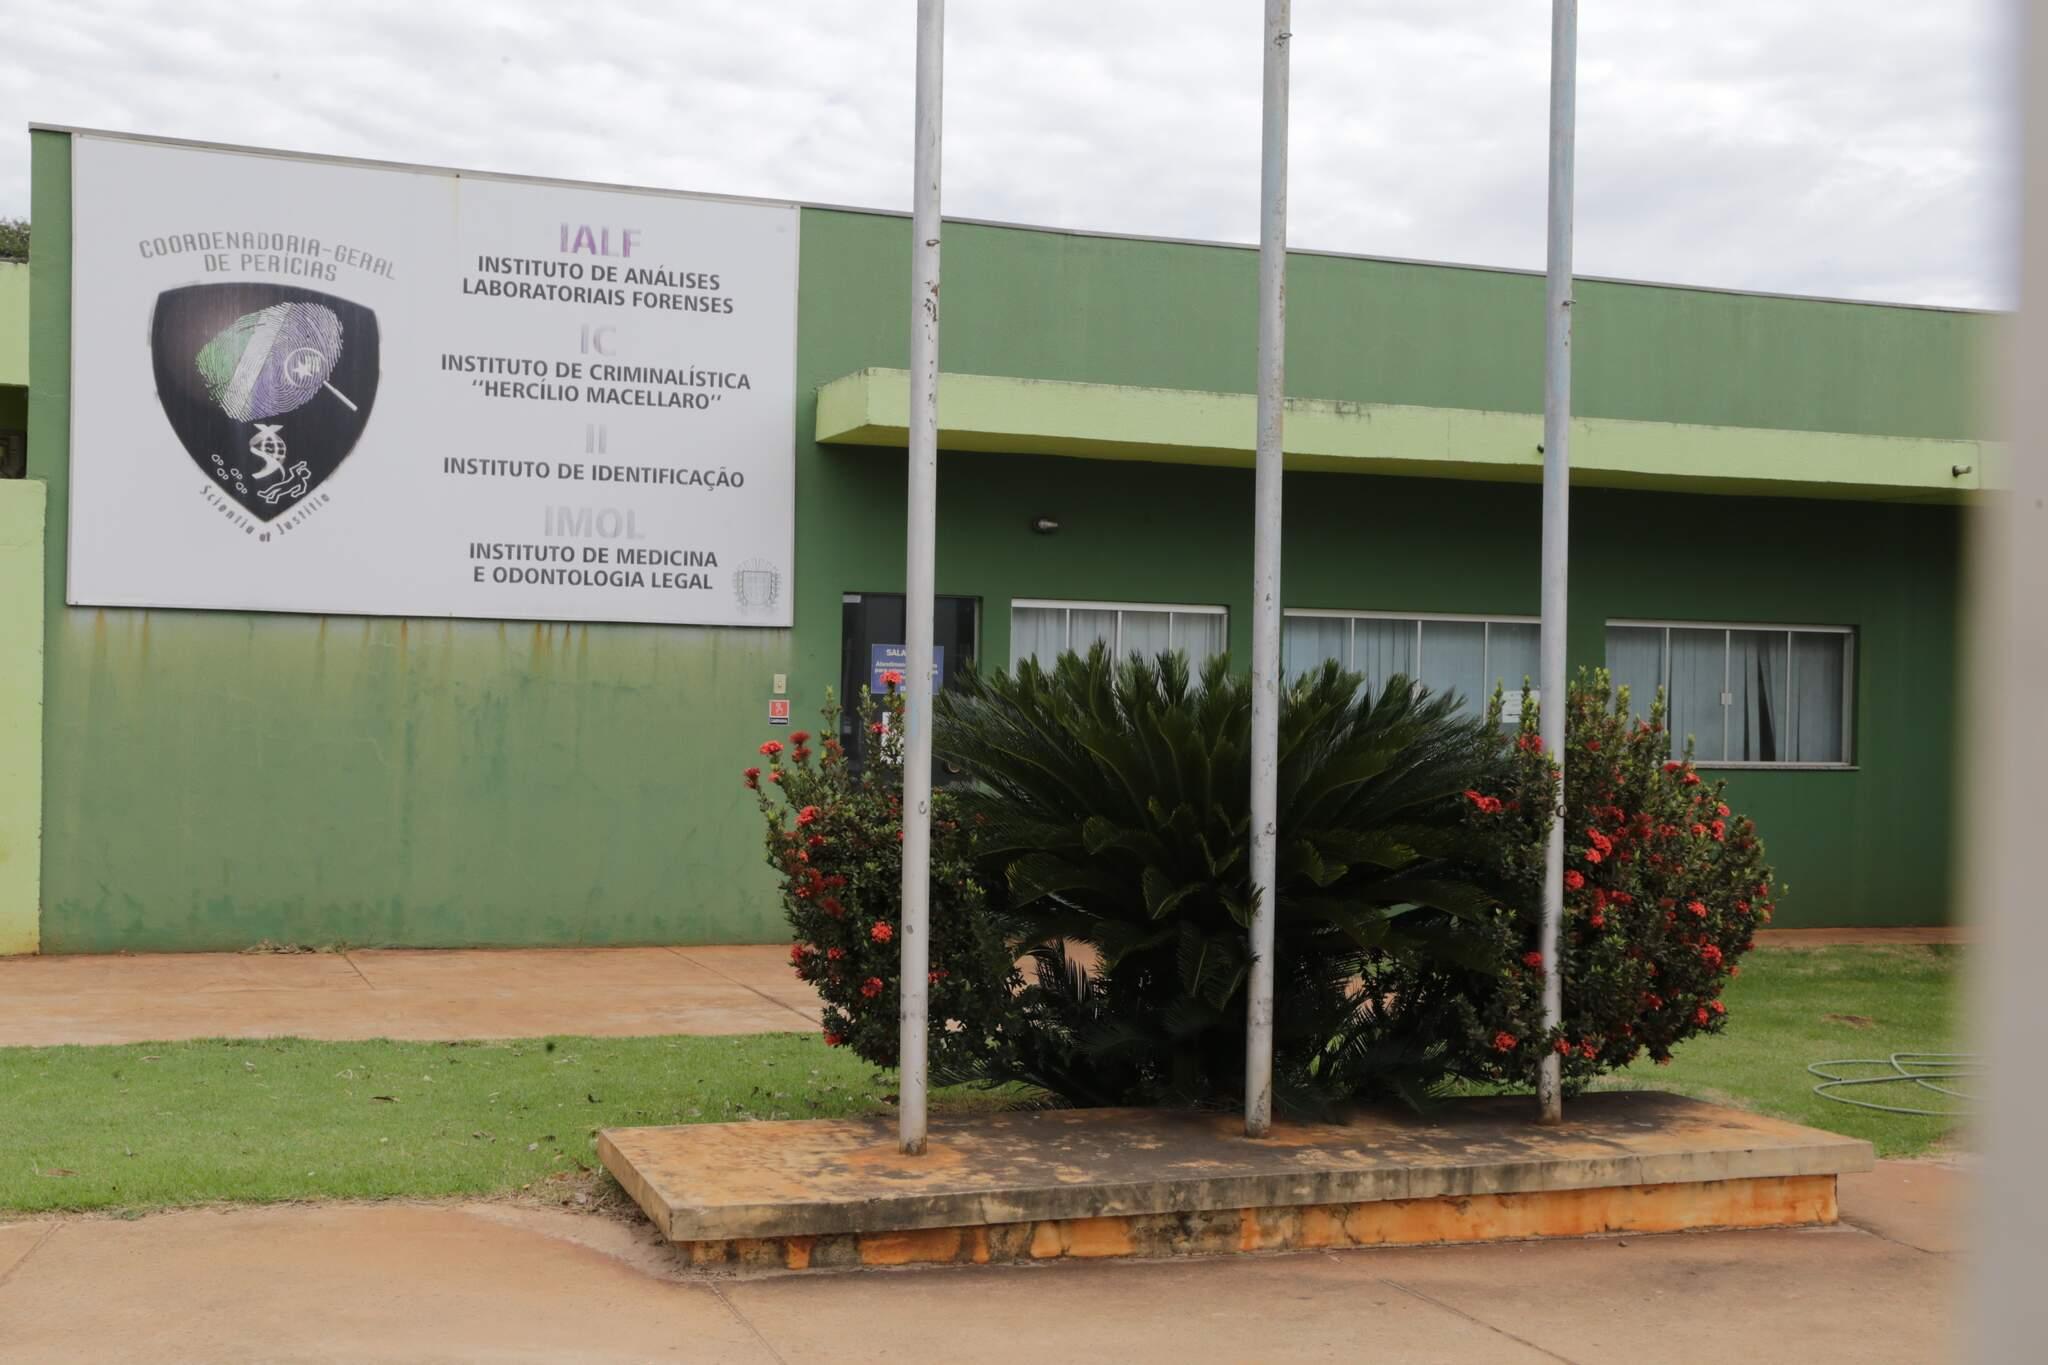 Localizado em Campo Grande, Instituto de Criminalística Hercílio Macellaro tem o único aparelho para extrair dados de celulares em todo MS. (Foto: Kísie Ainoã)